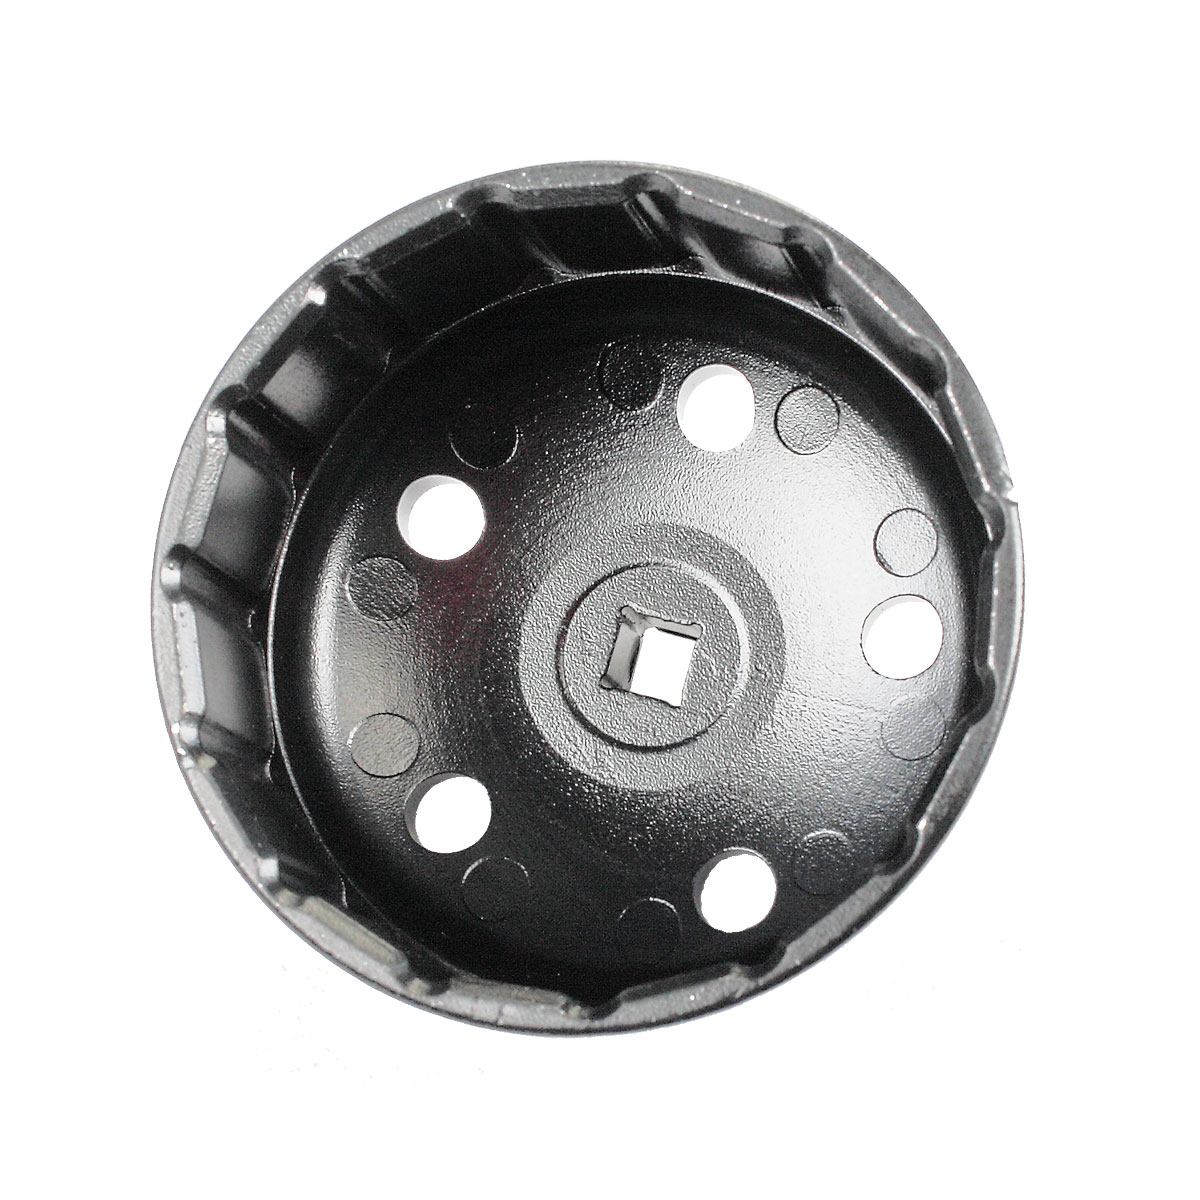 """Ключ для замены масляного фильтра LAND ROVER / JAGUAR (15 граней, 3/8 """", 90 мм.) Car-Tool CT-A1645"""